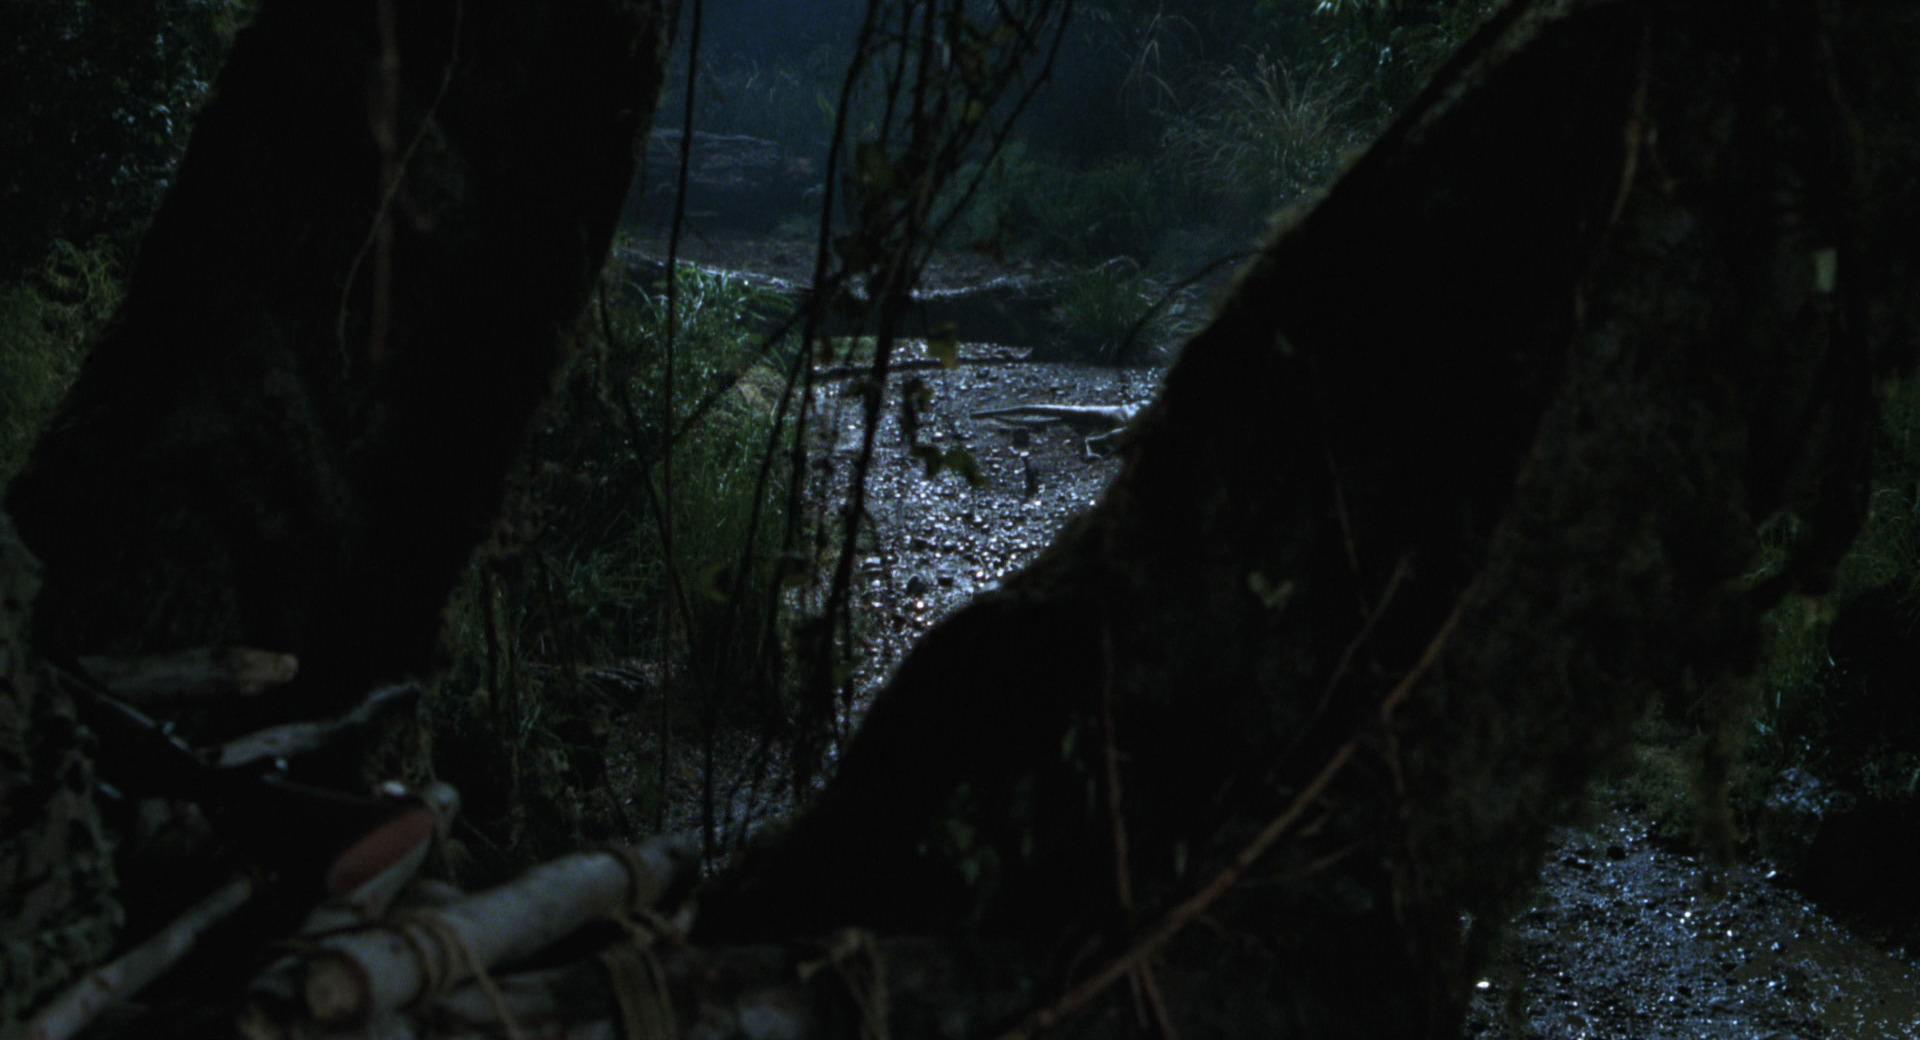 The Lost World Jurassic Park Screencaps are here Jurassic-lost-world-movie-screencaps.com-4893